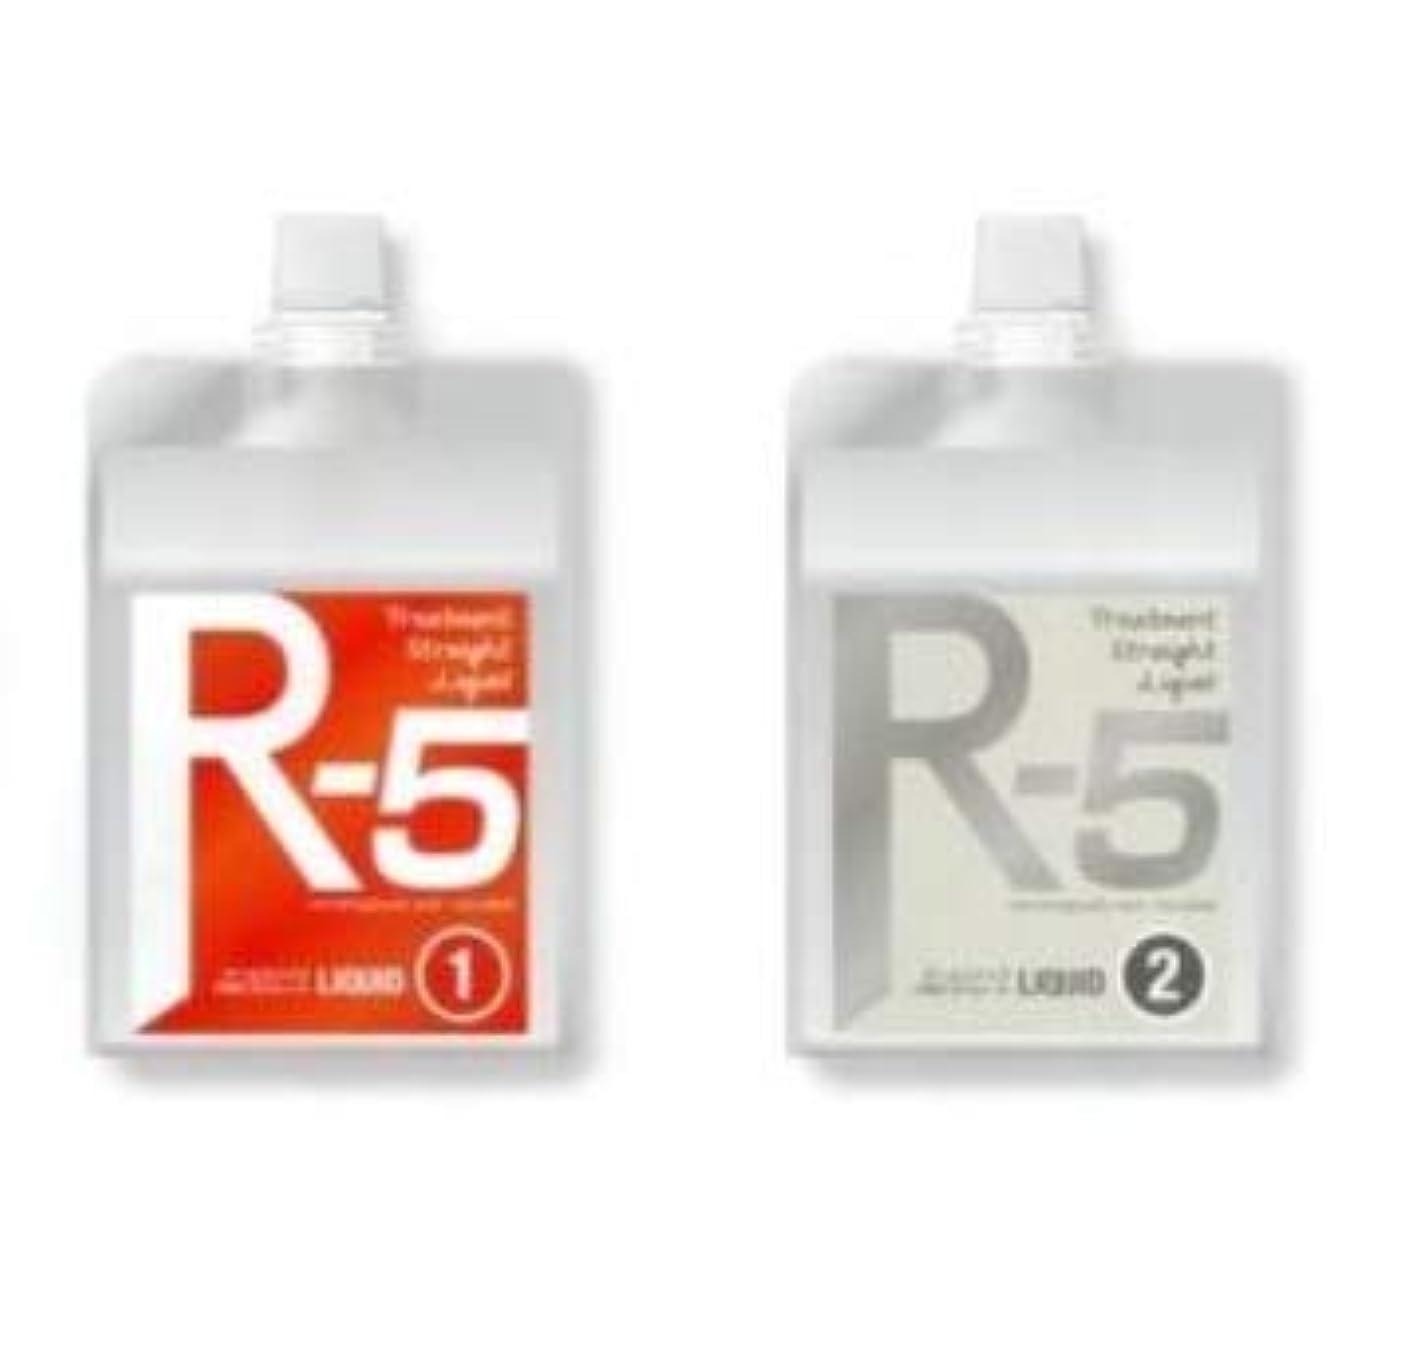 完全にネコメディカルCMCトリートメントストレート R-5 レッド(レギュラー) ストレート剤 ダメージレス